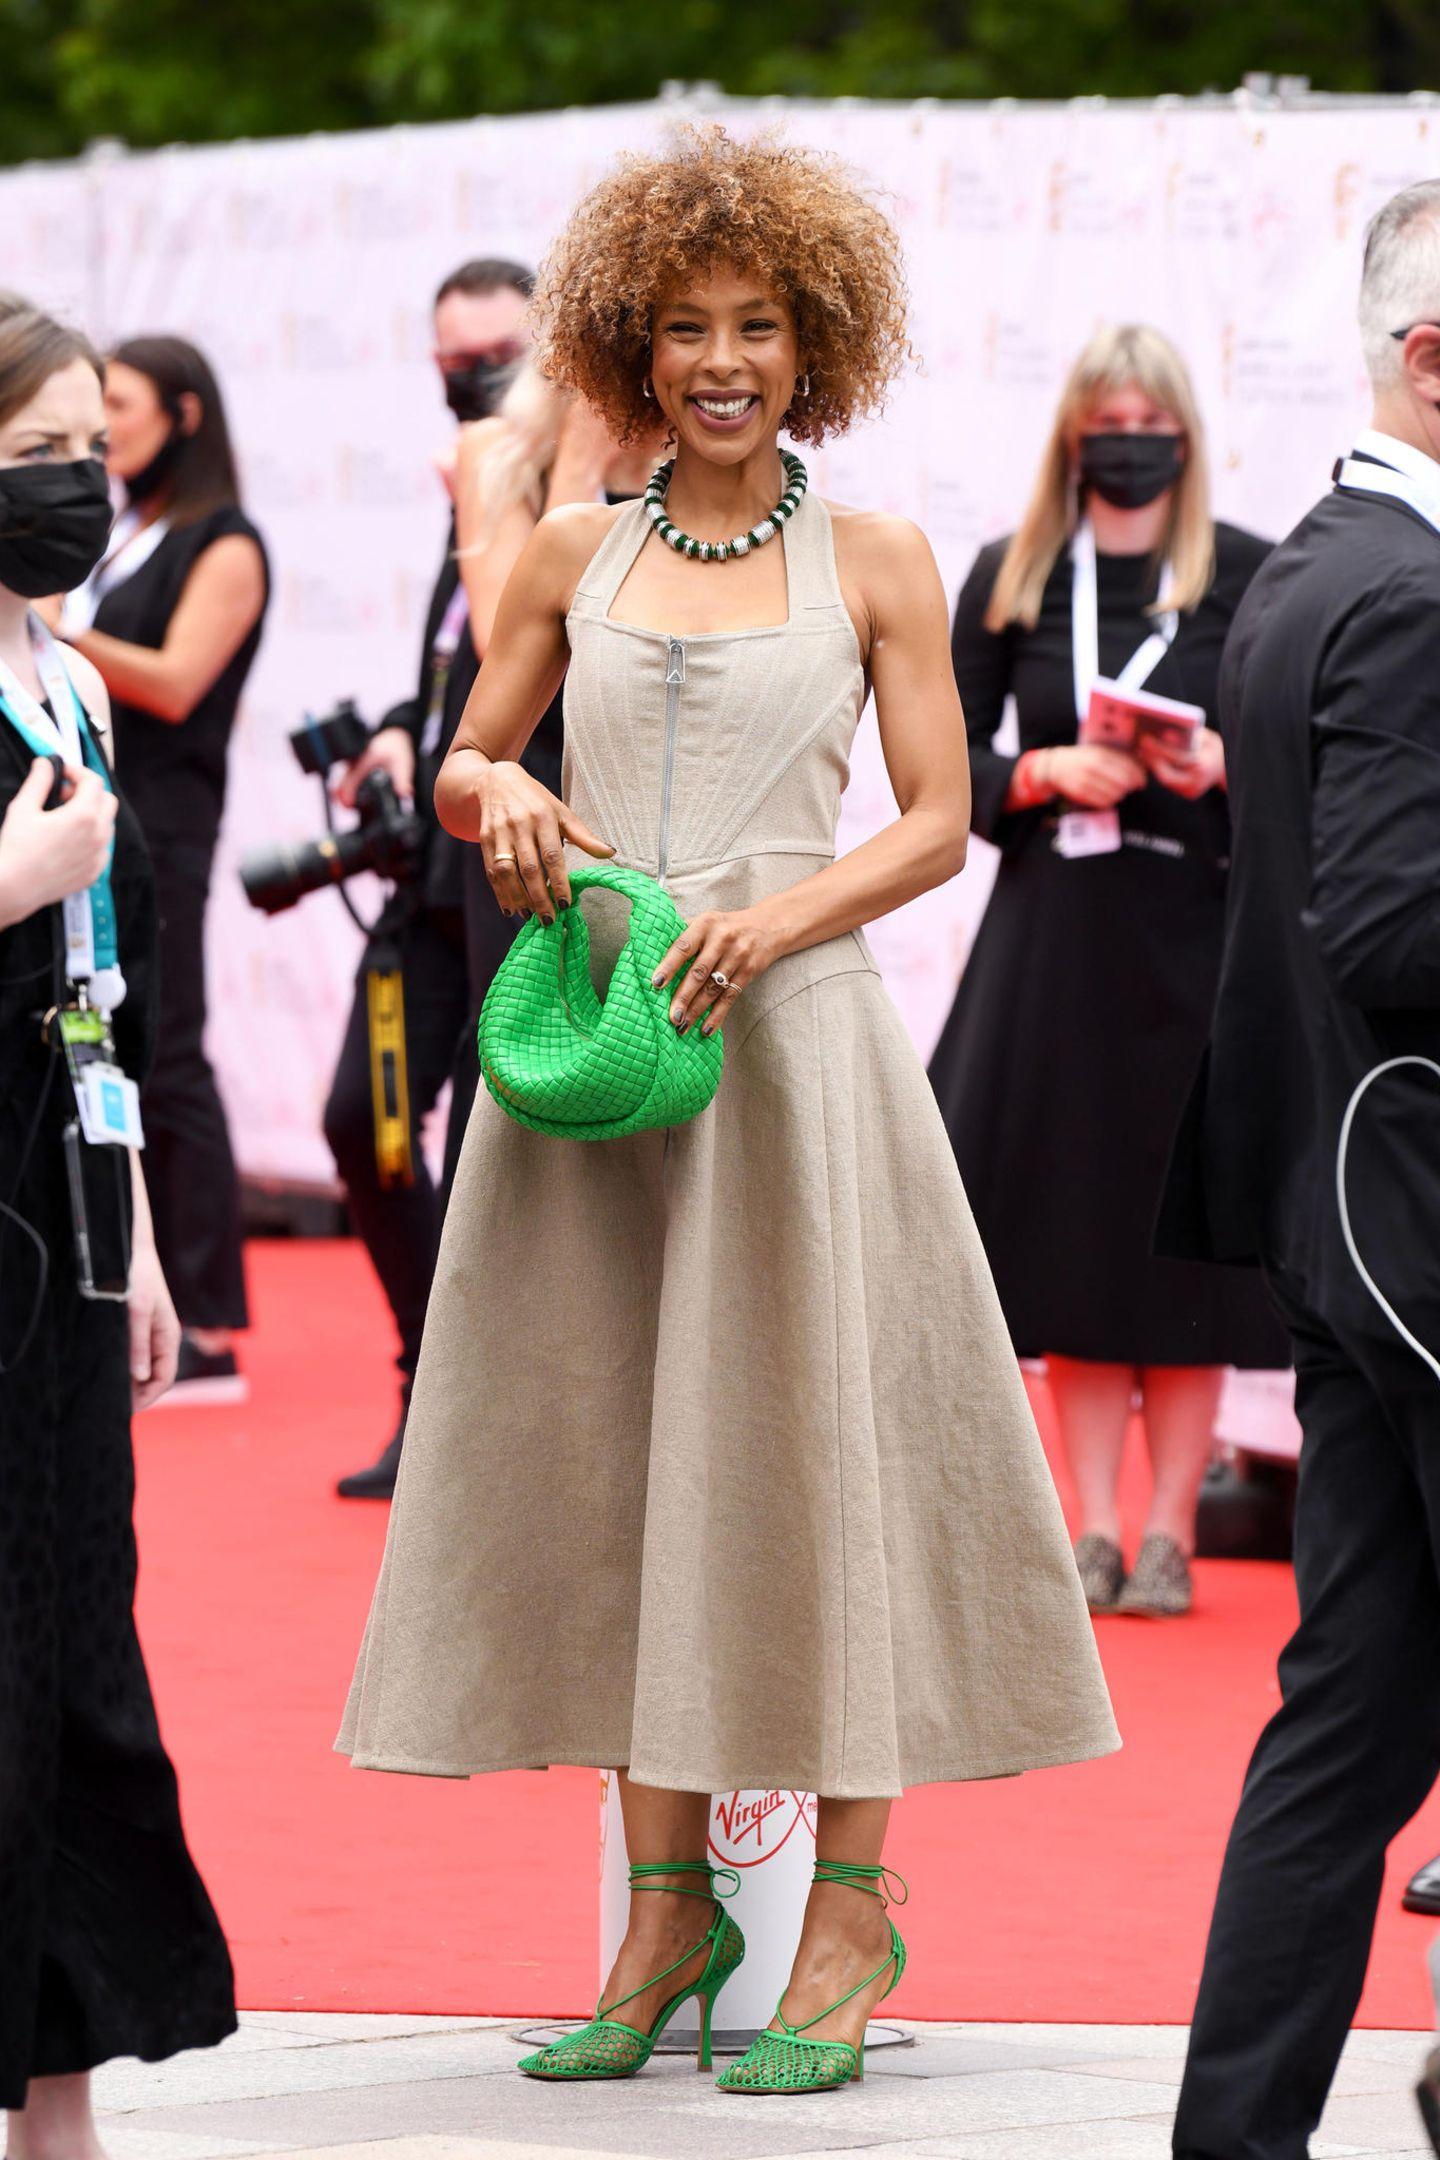 Sophie Okonedo setzt mit ihrer leuchtend grünen Handtasche undpassenden Heels tolle farbliche Akzente zum dezenten, beigefarbenen Leinen-Dress.